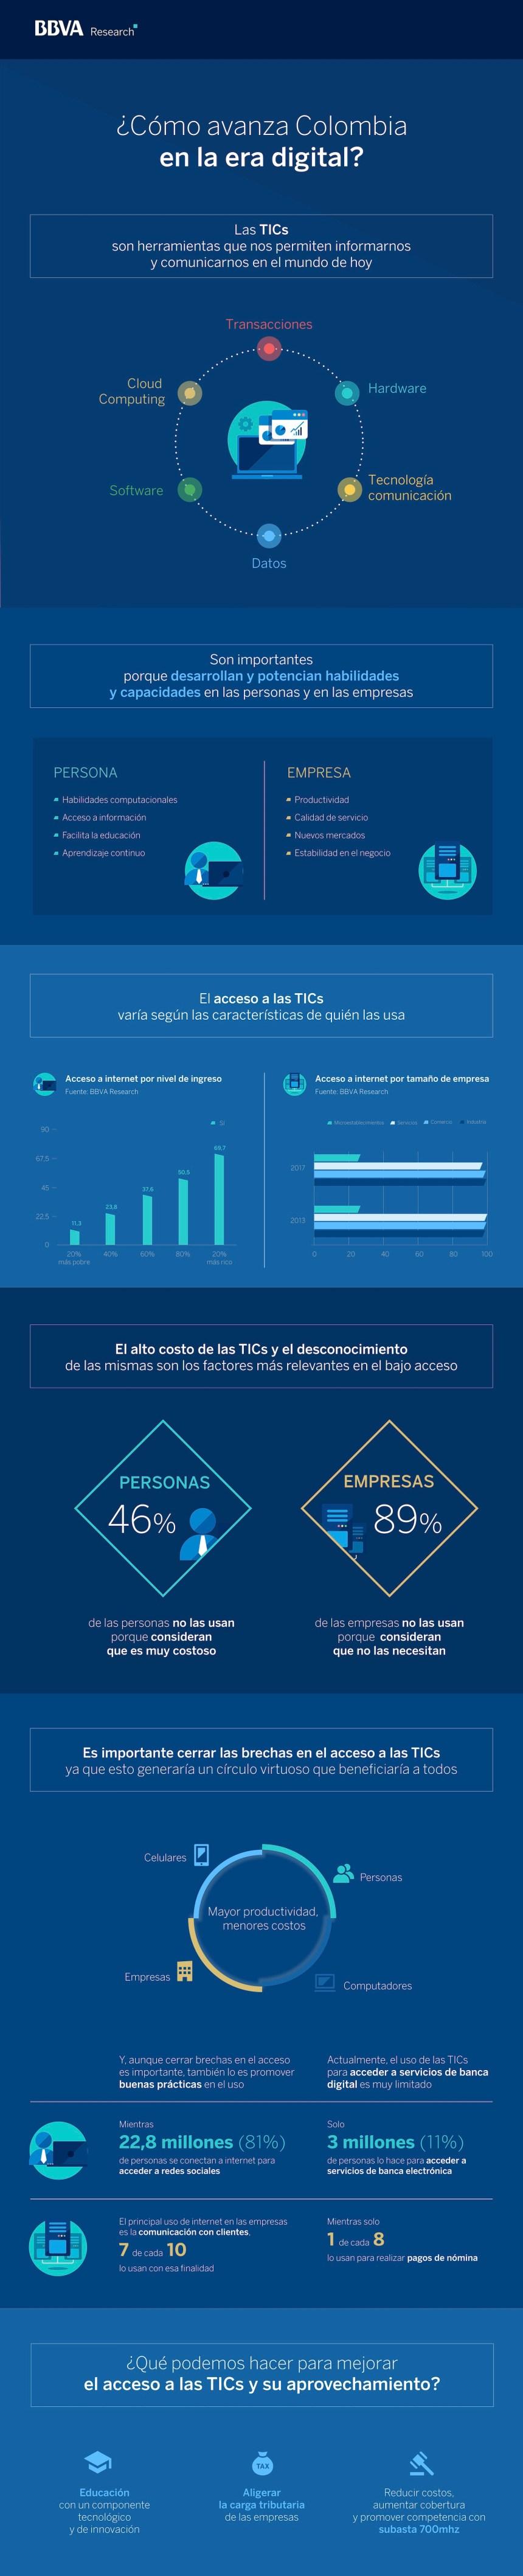 Estado de la digitalización en Colombia